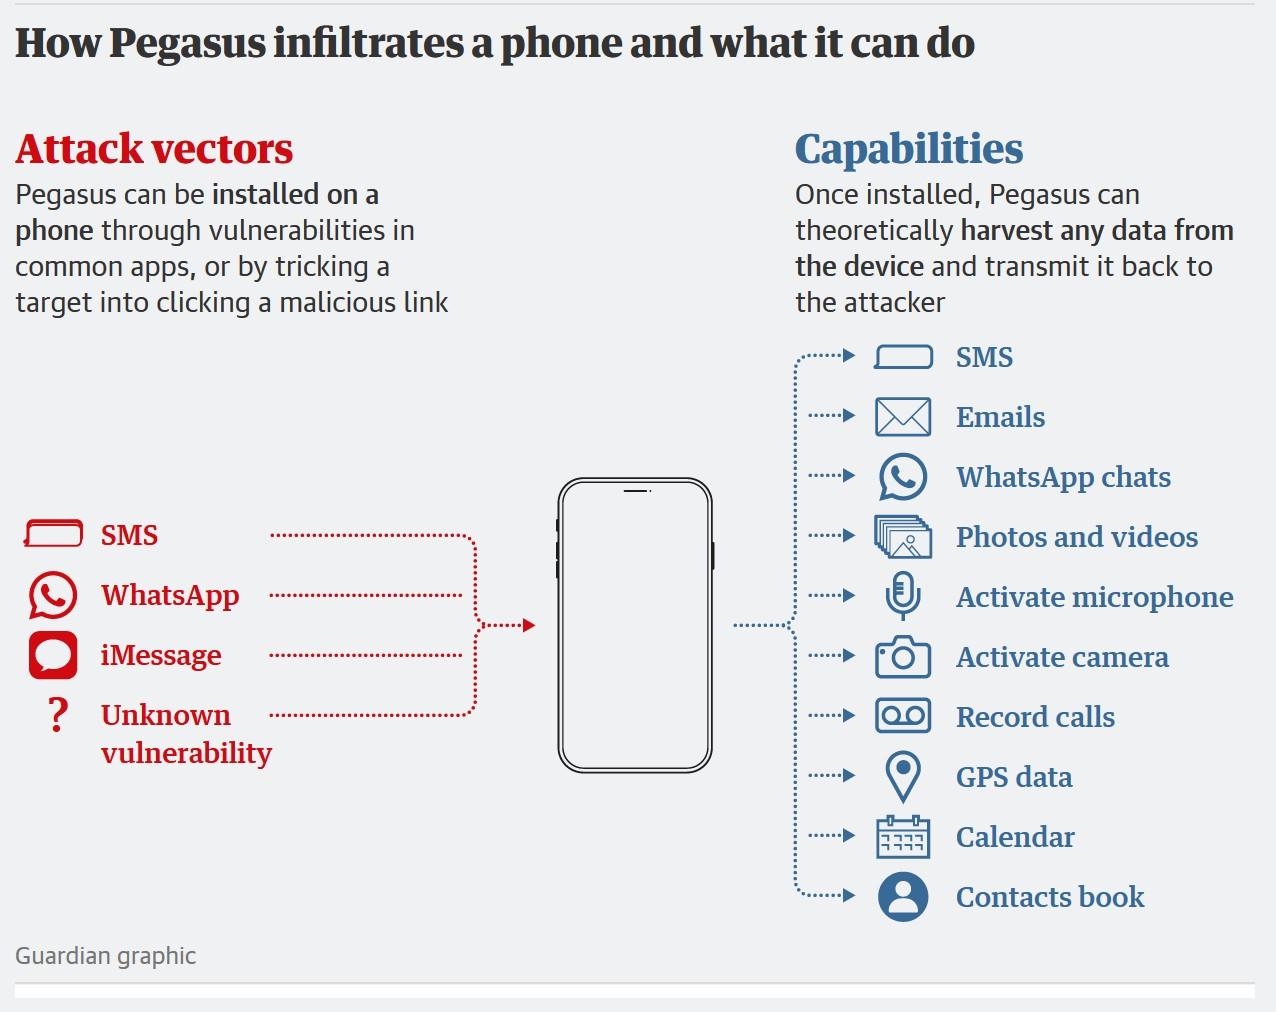 Pegasus может попасть на устройство через уязвимости в обычных приложениях или при переходе по вредоносным ссылкам